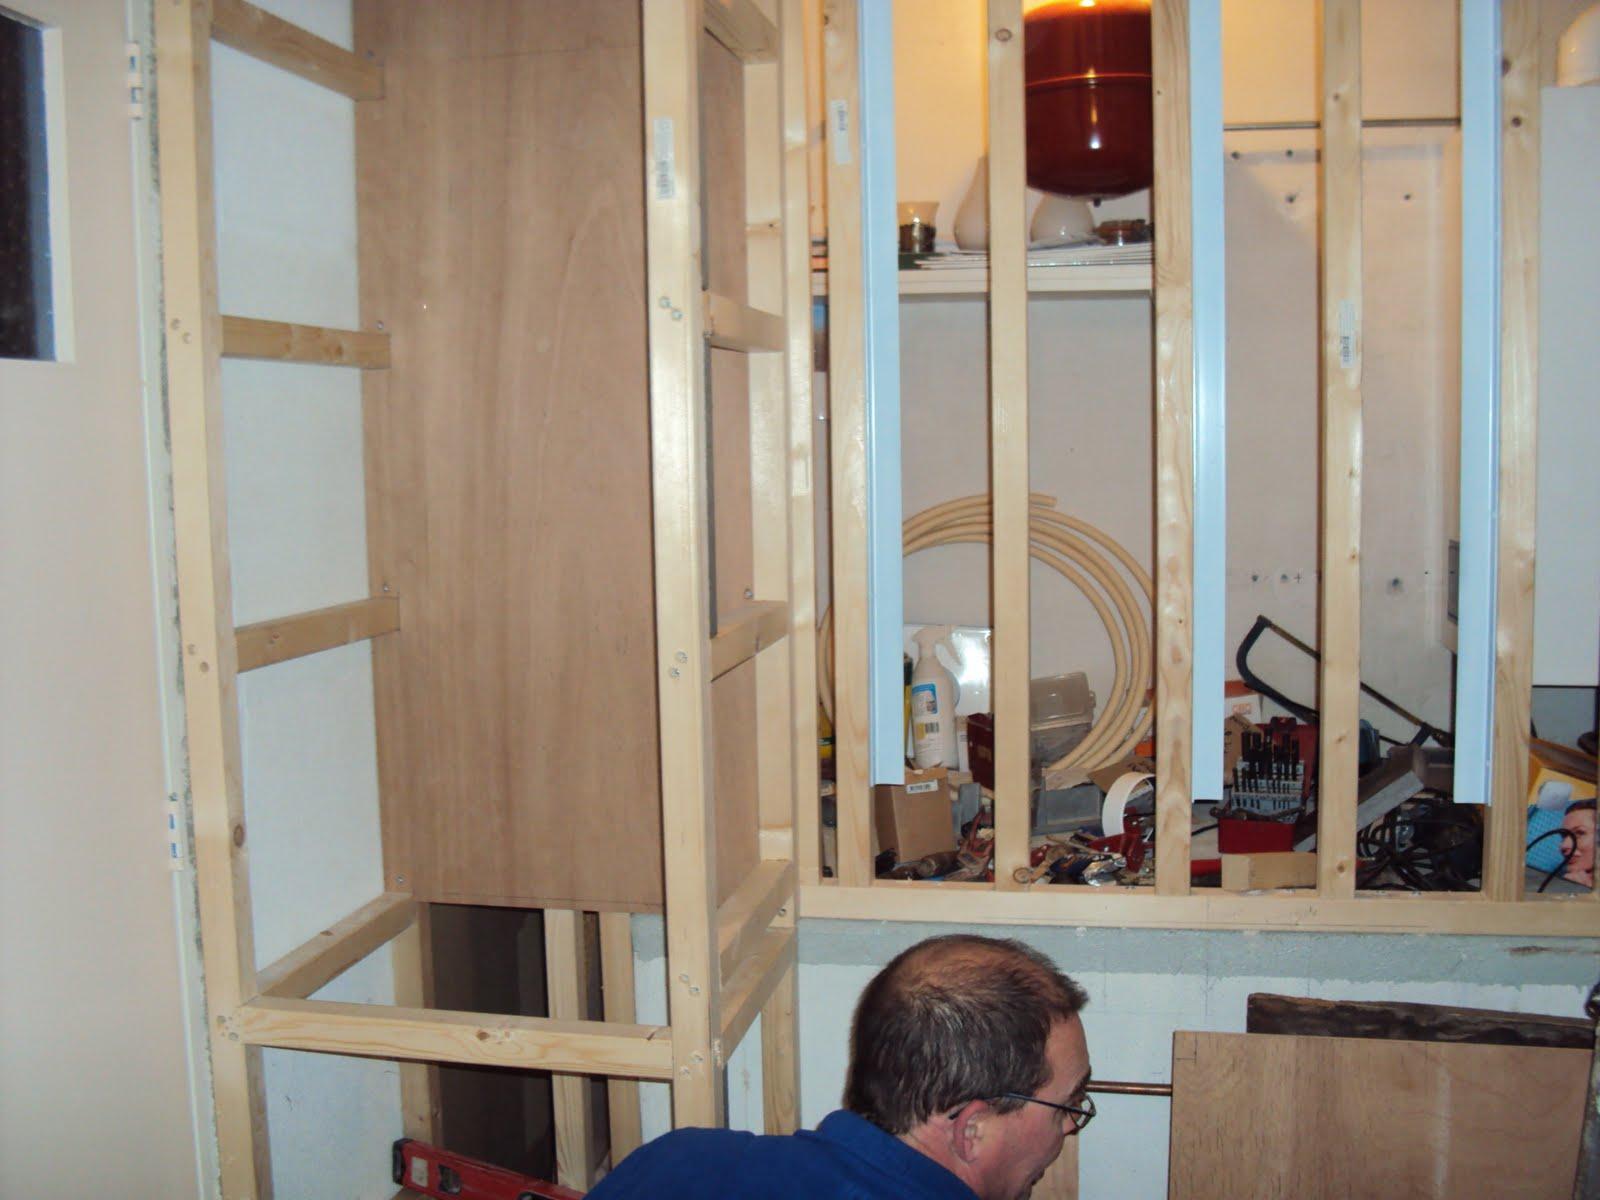 T brocante sfeertje onze nieuwe badkamer - Idee van deco badkamer ...